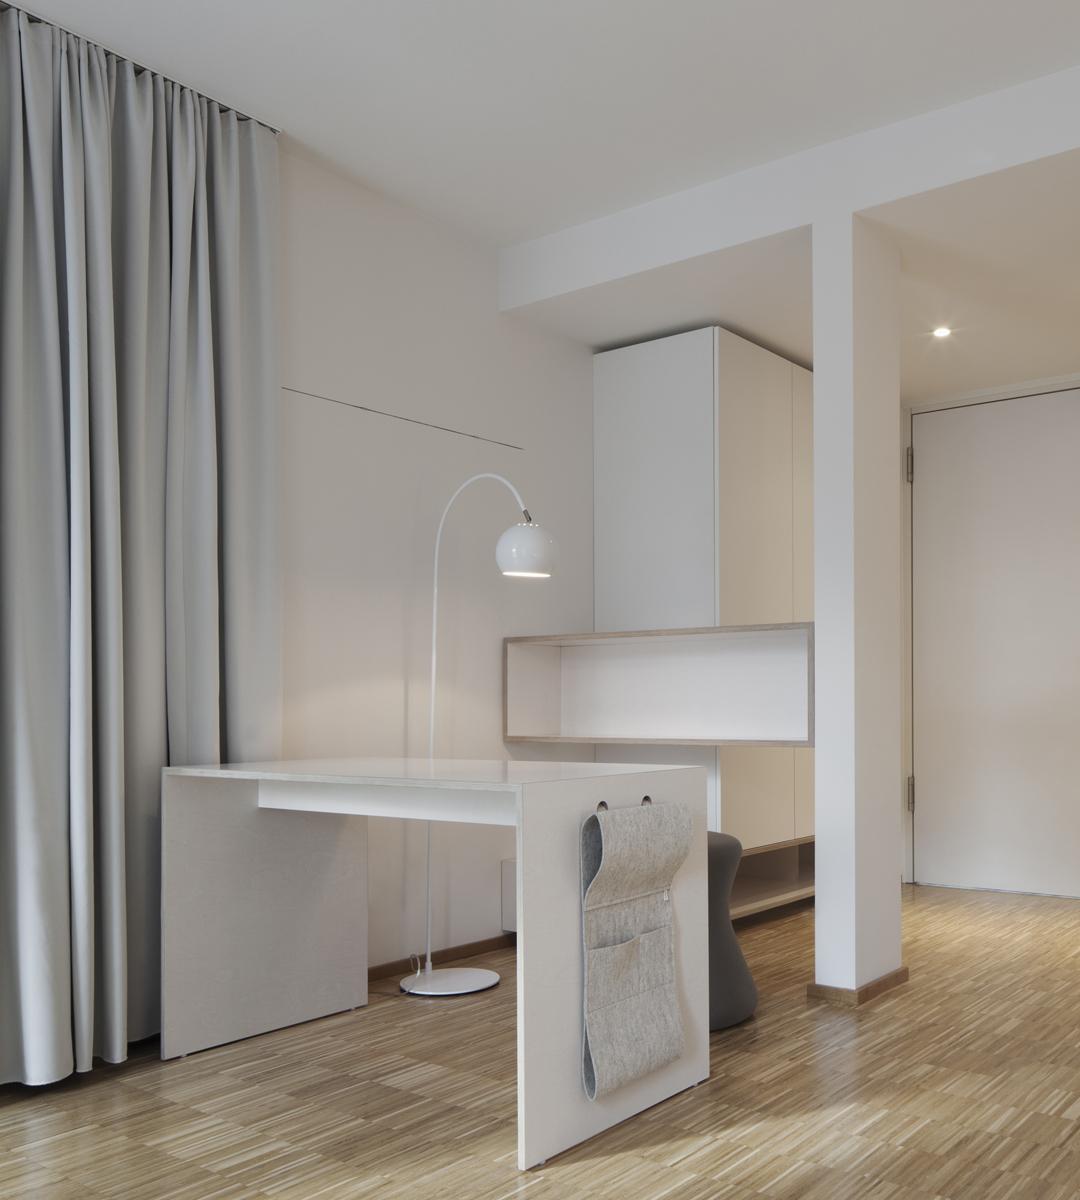 helles Klientenzimmer mit Eichenparkettboden und weiß lasierten Holzmöbeln. Schreibtisch mit Untensilientasche aus hellgrauem Filz, in Wand bündig eingeputzte Magnetleiste, steingrauer Ergohocker, weiße Kugelstehleuchte